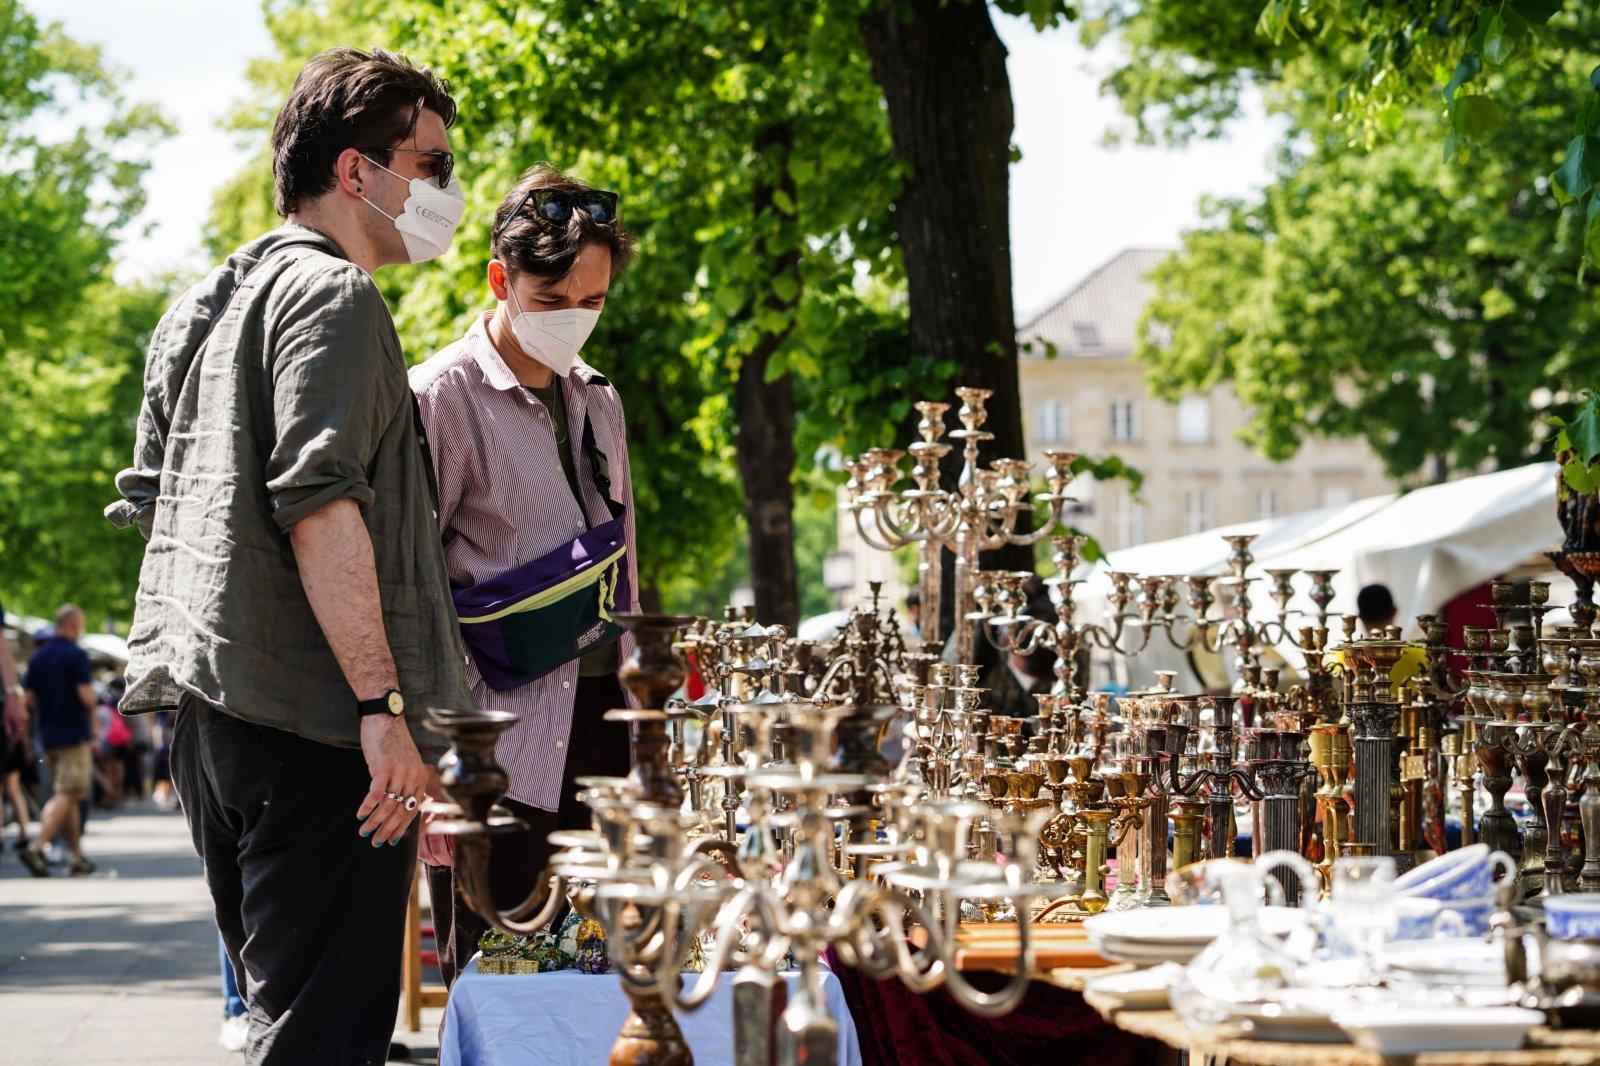 6月6日,兩名男子在德國首都柏林的一處「跳蚤市場」內購物。(新華社)